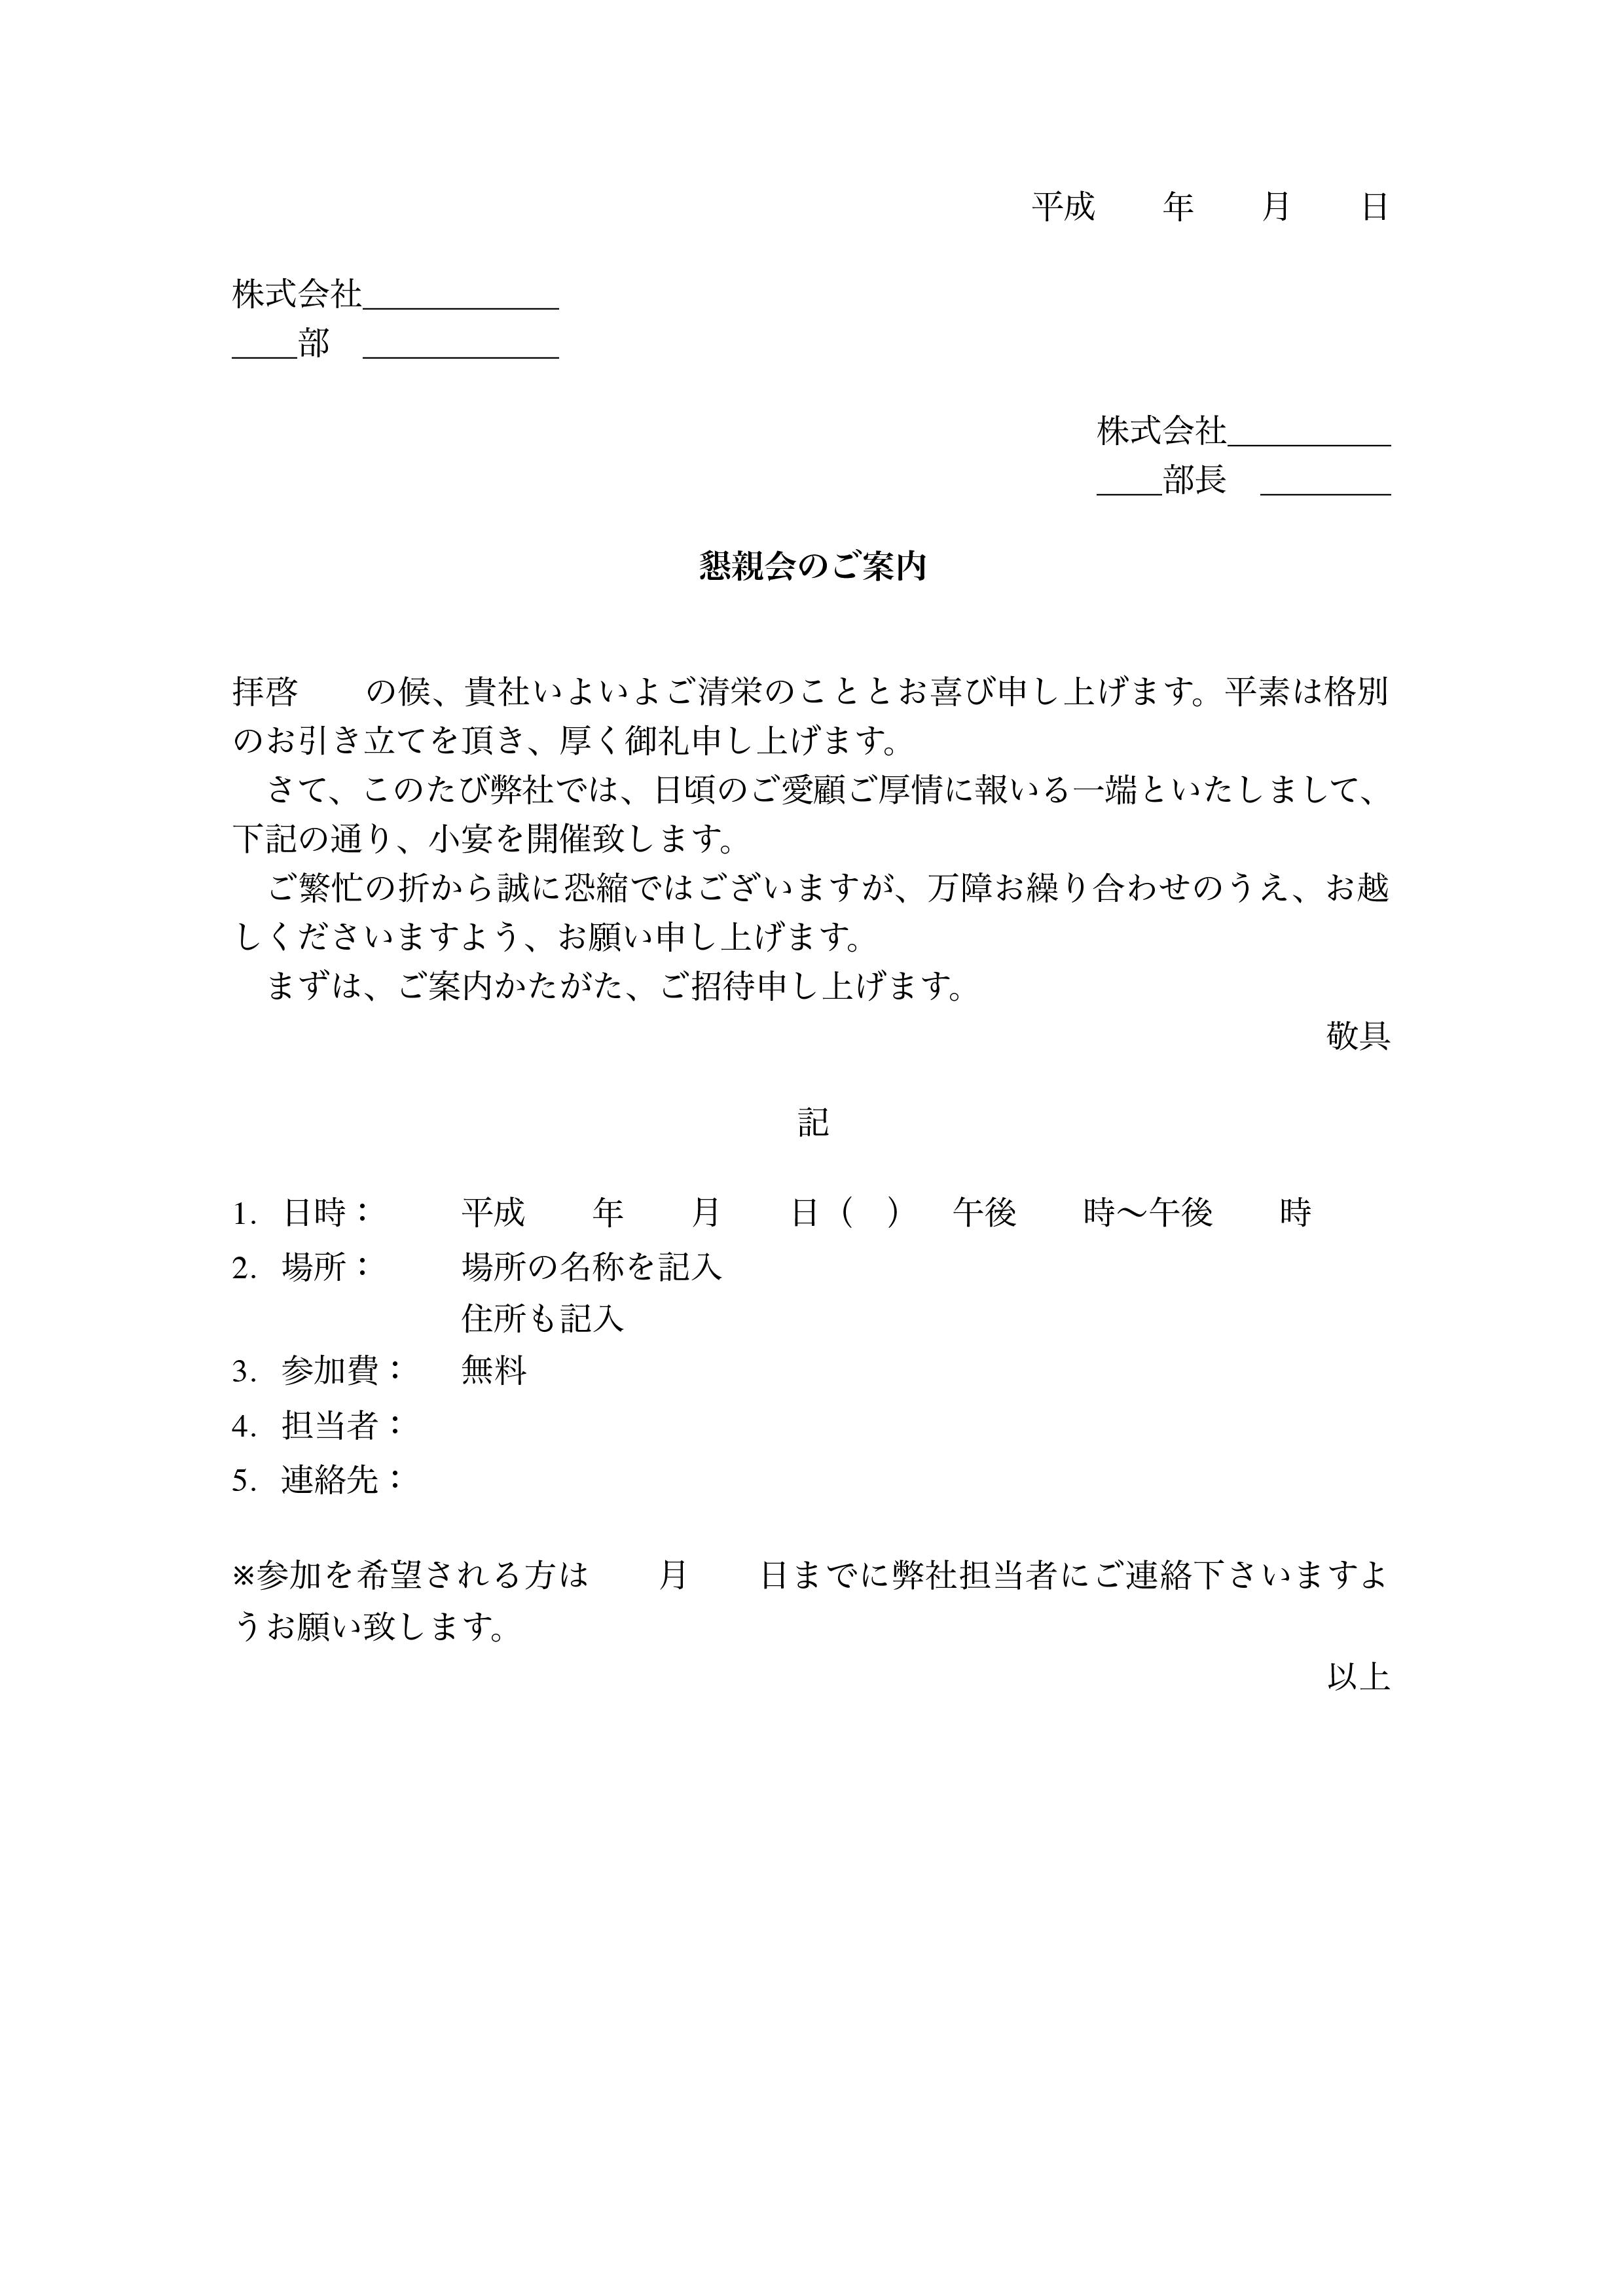 懇親会の案内状【会社向け】のテンプレート(ワード、ページズ)